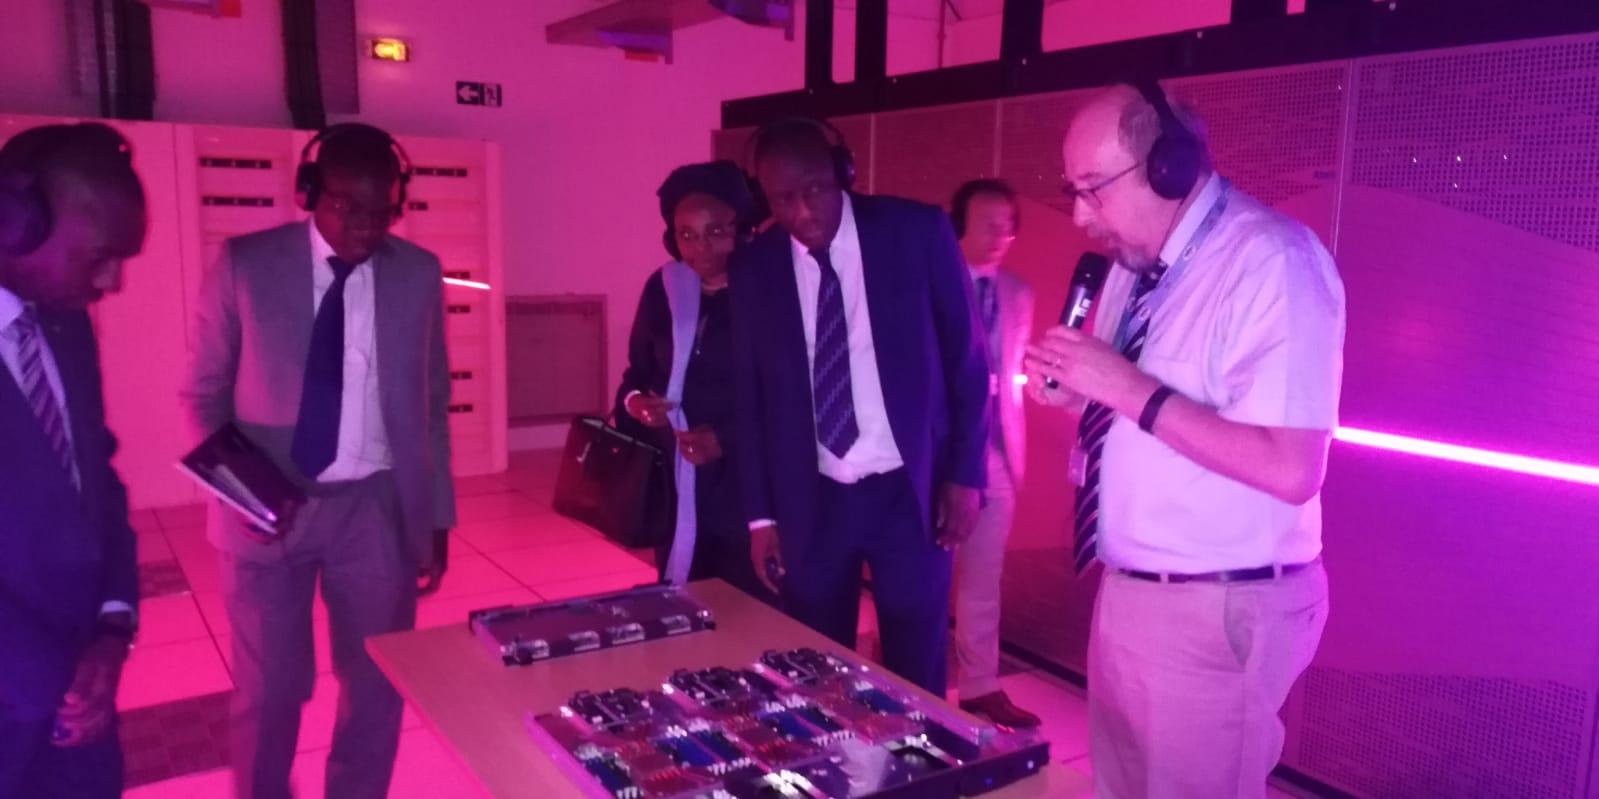 PHOTOS - Visite du Ministre Cheikh Oumar Hanne au Très Grand Centre de Calcul (TGCC) du CEA